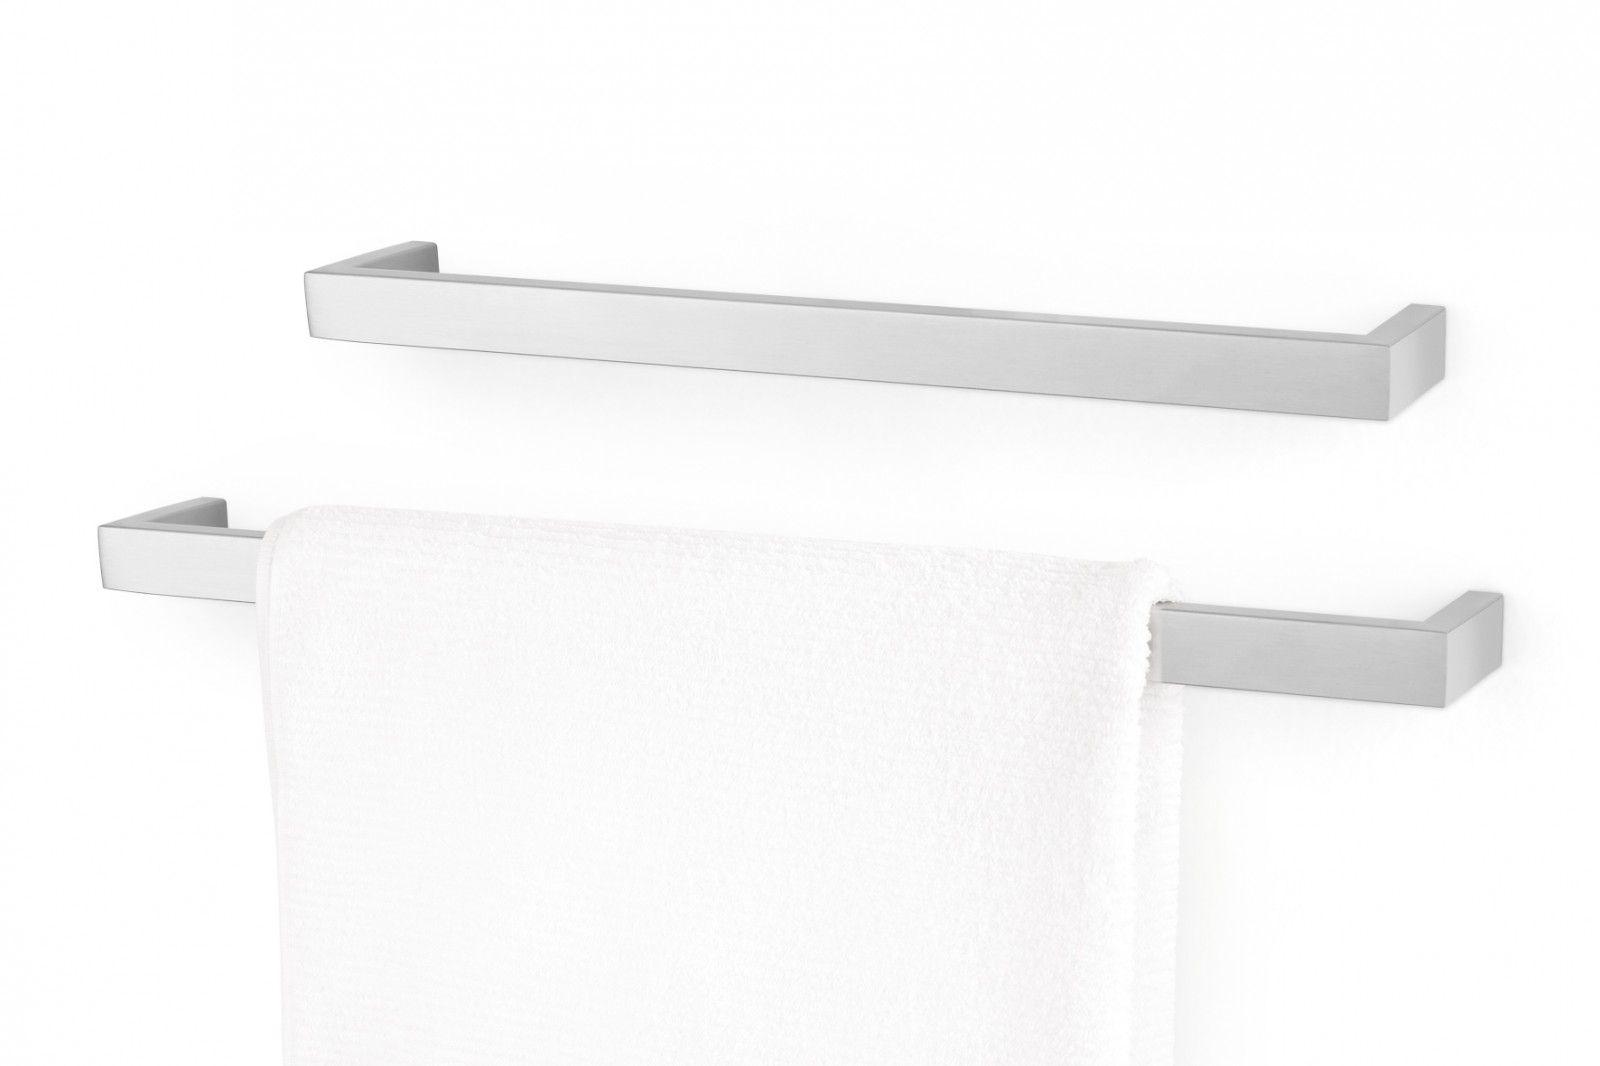 ZACK Edelstahl Handtuchhalter LINEA, Handtuchstange, L 45 cm, 40387 – Bild 2